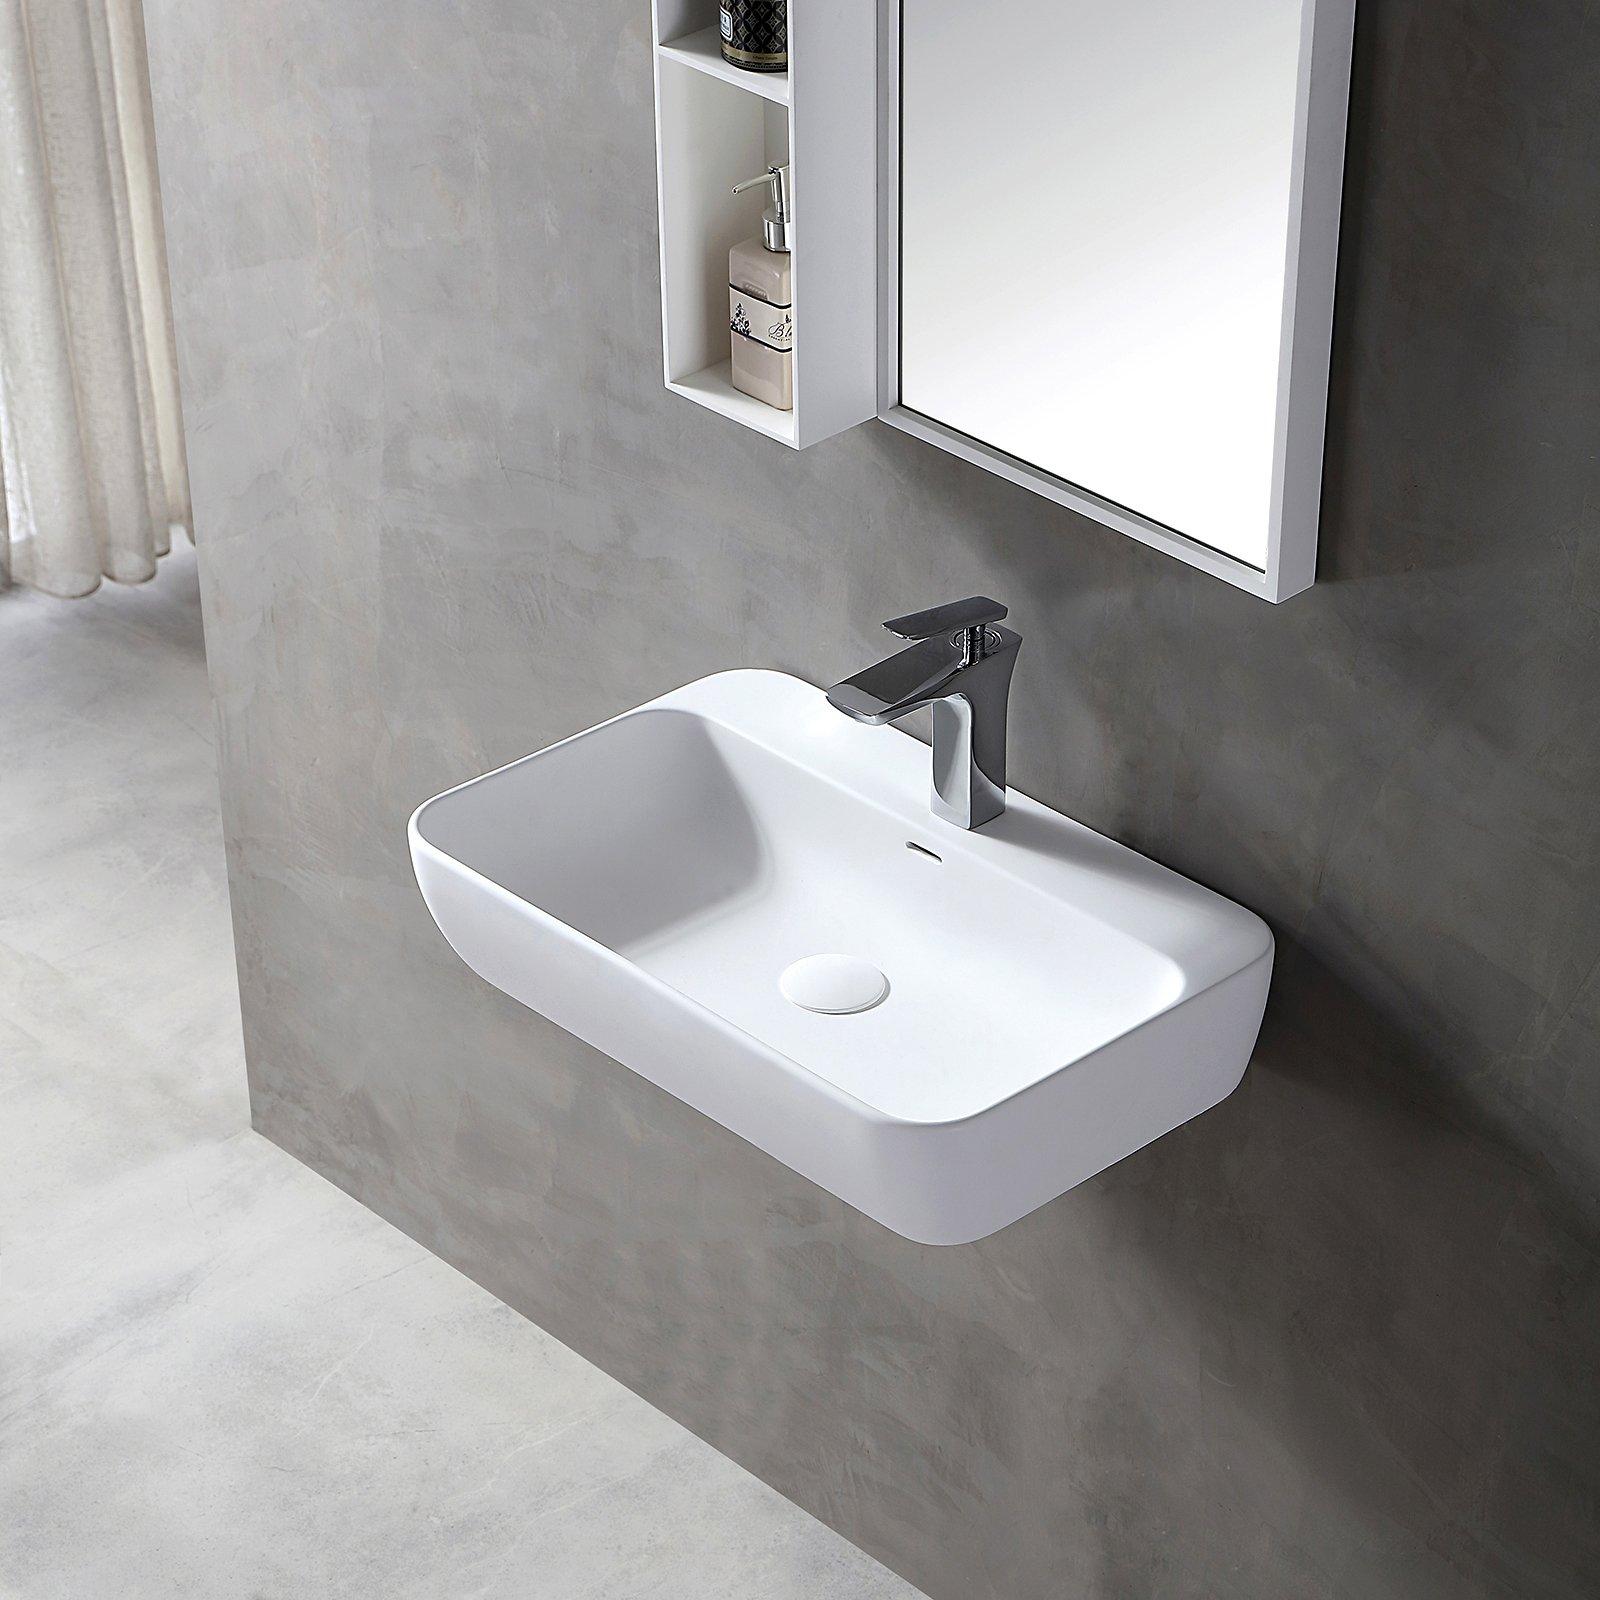 Wandwaschbecken Aufsatzwaschbecken TWG201 aus Mineralguss Solid Stone - Weiß matt - 60x40x14cm